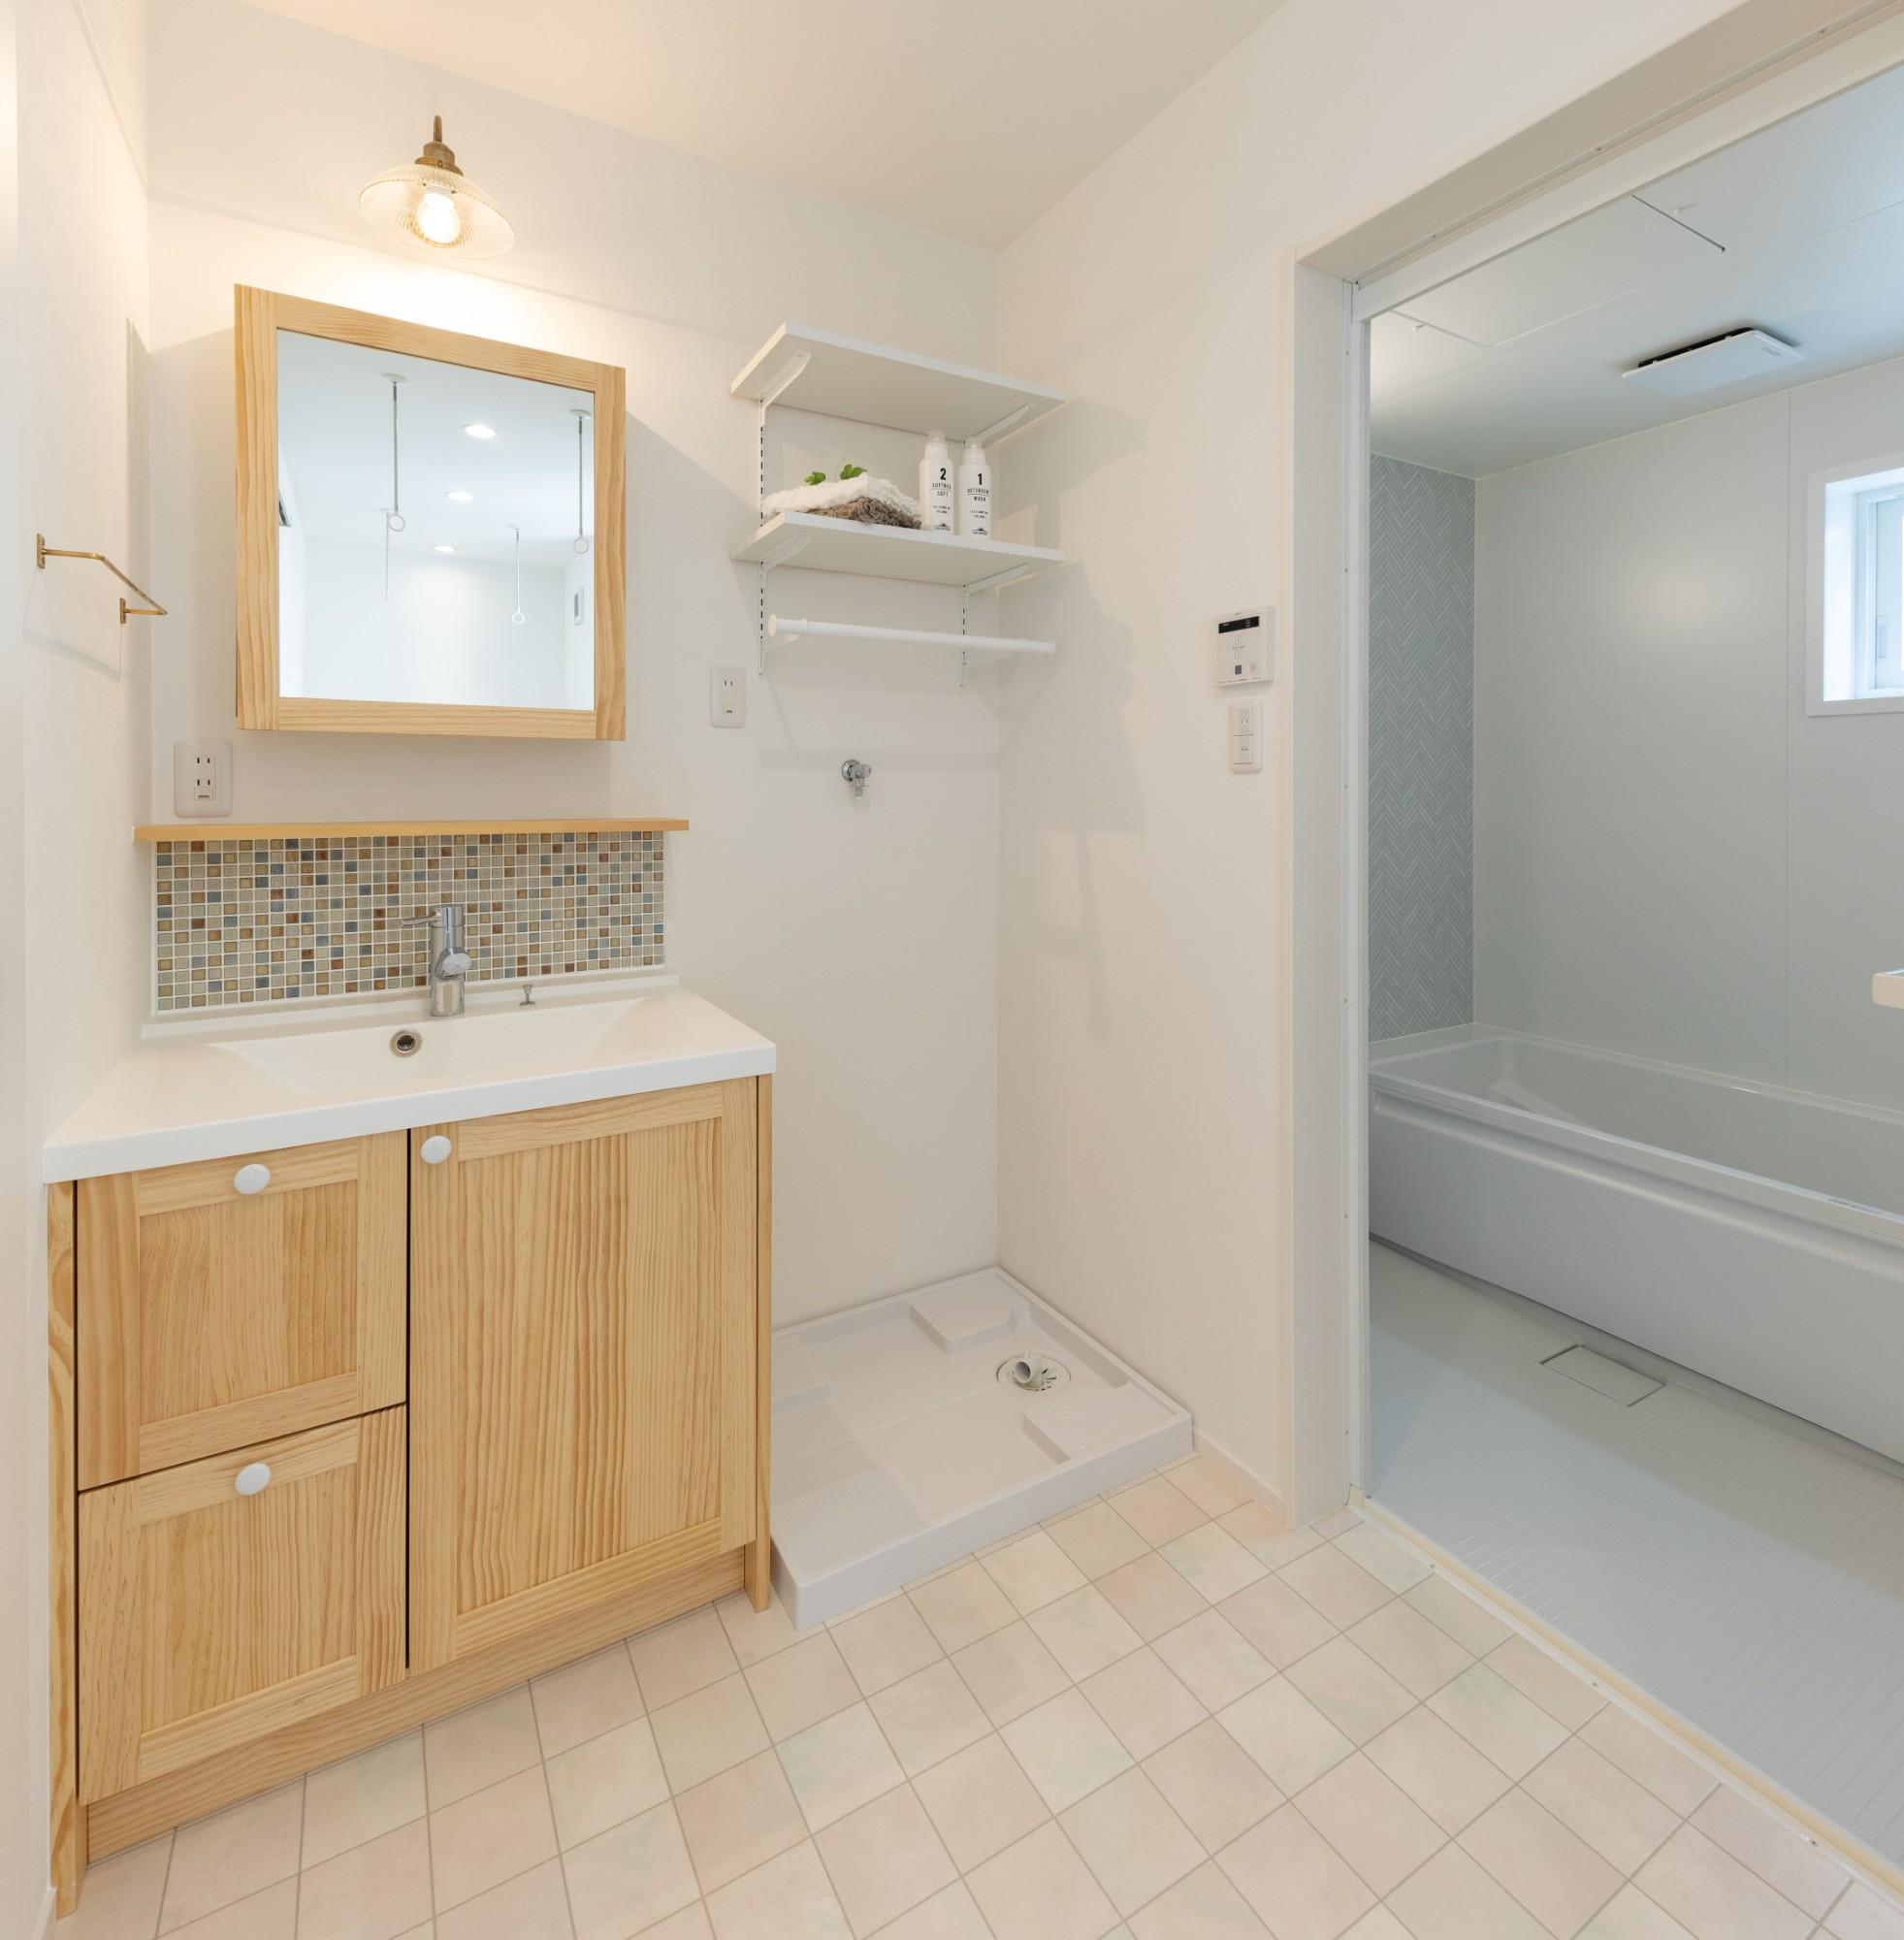 新潟材協 クオリティハウス「小さな土地で叶えた、コダワリとゆとりのある暮らし」のシンプル・ナチュラルな洗面所・脱衣所の実例写真